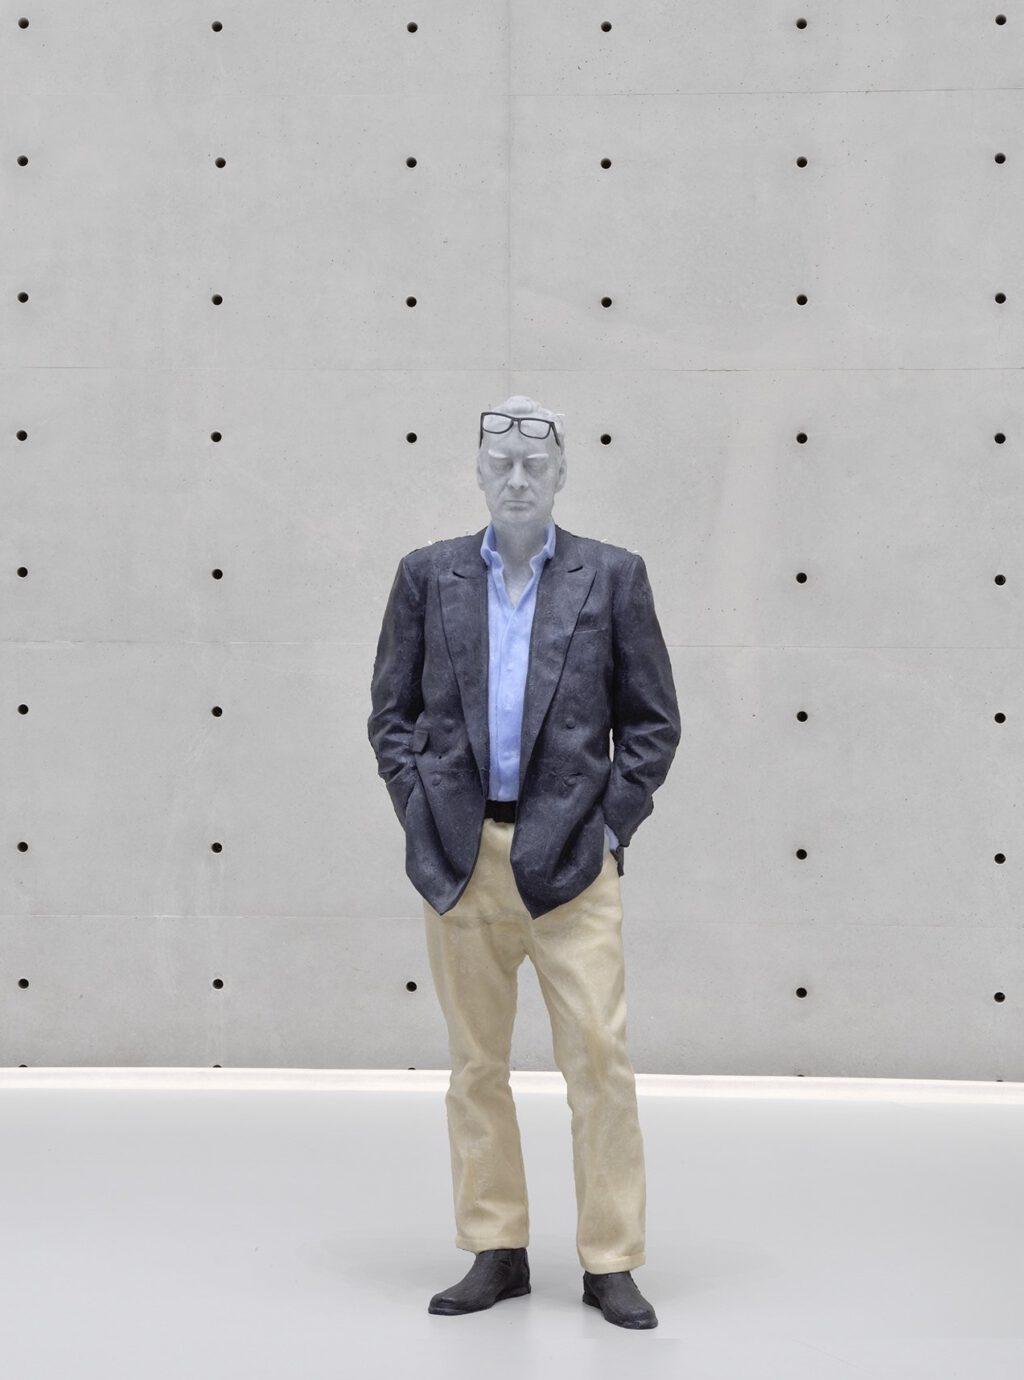 Urs Fischer Untitled 2011-2021, detail